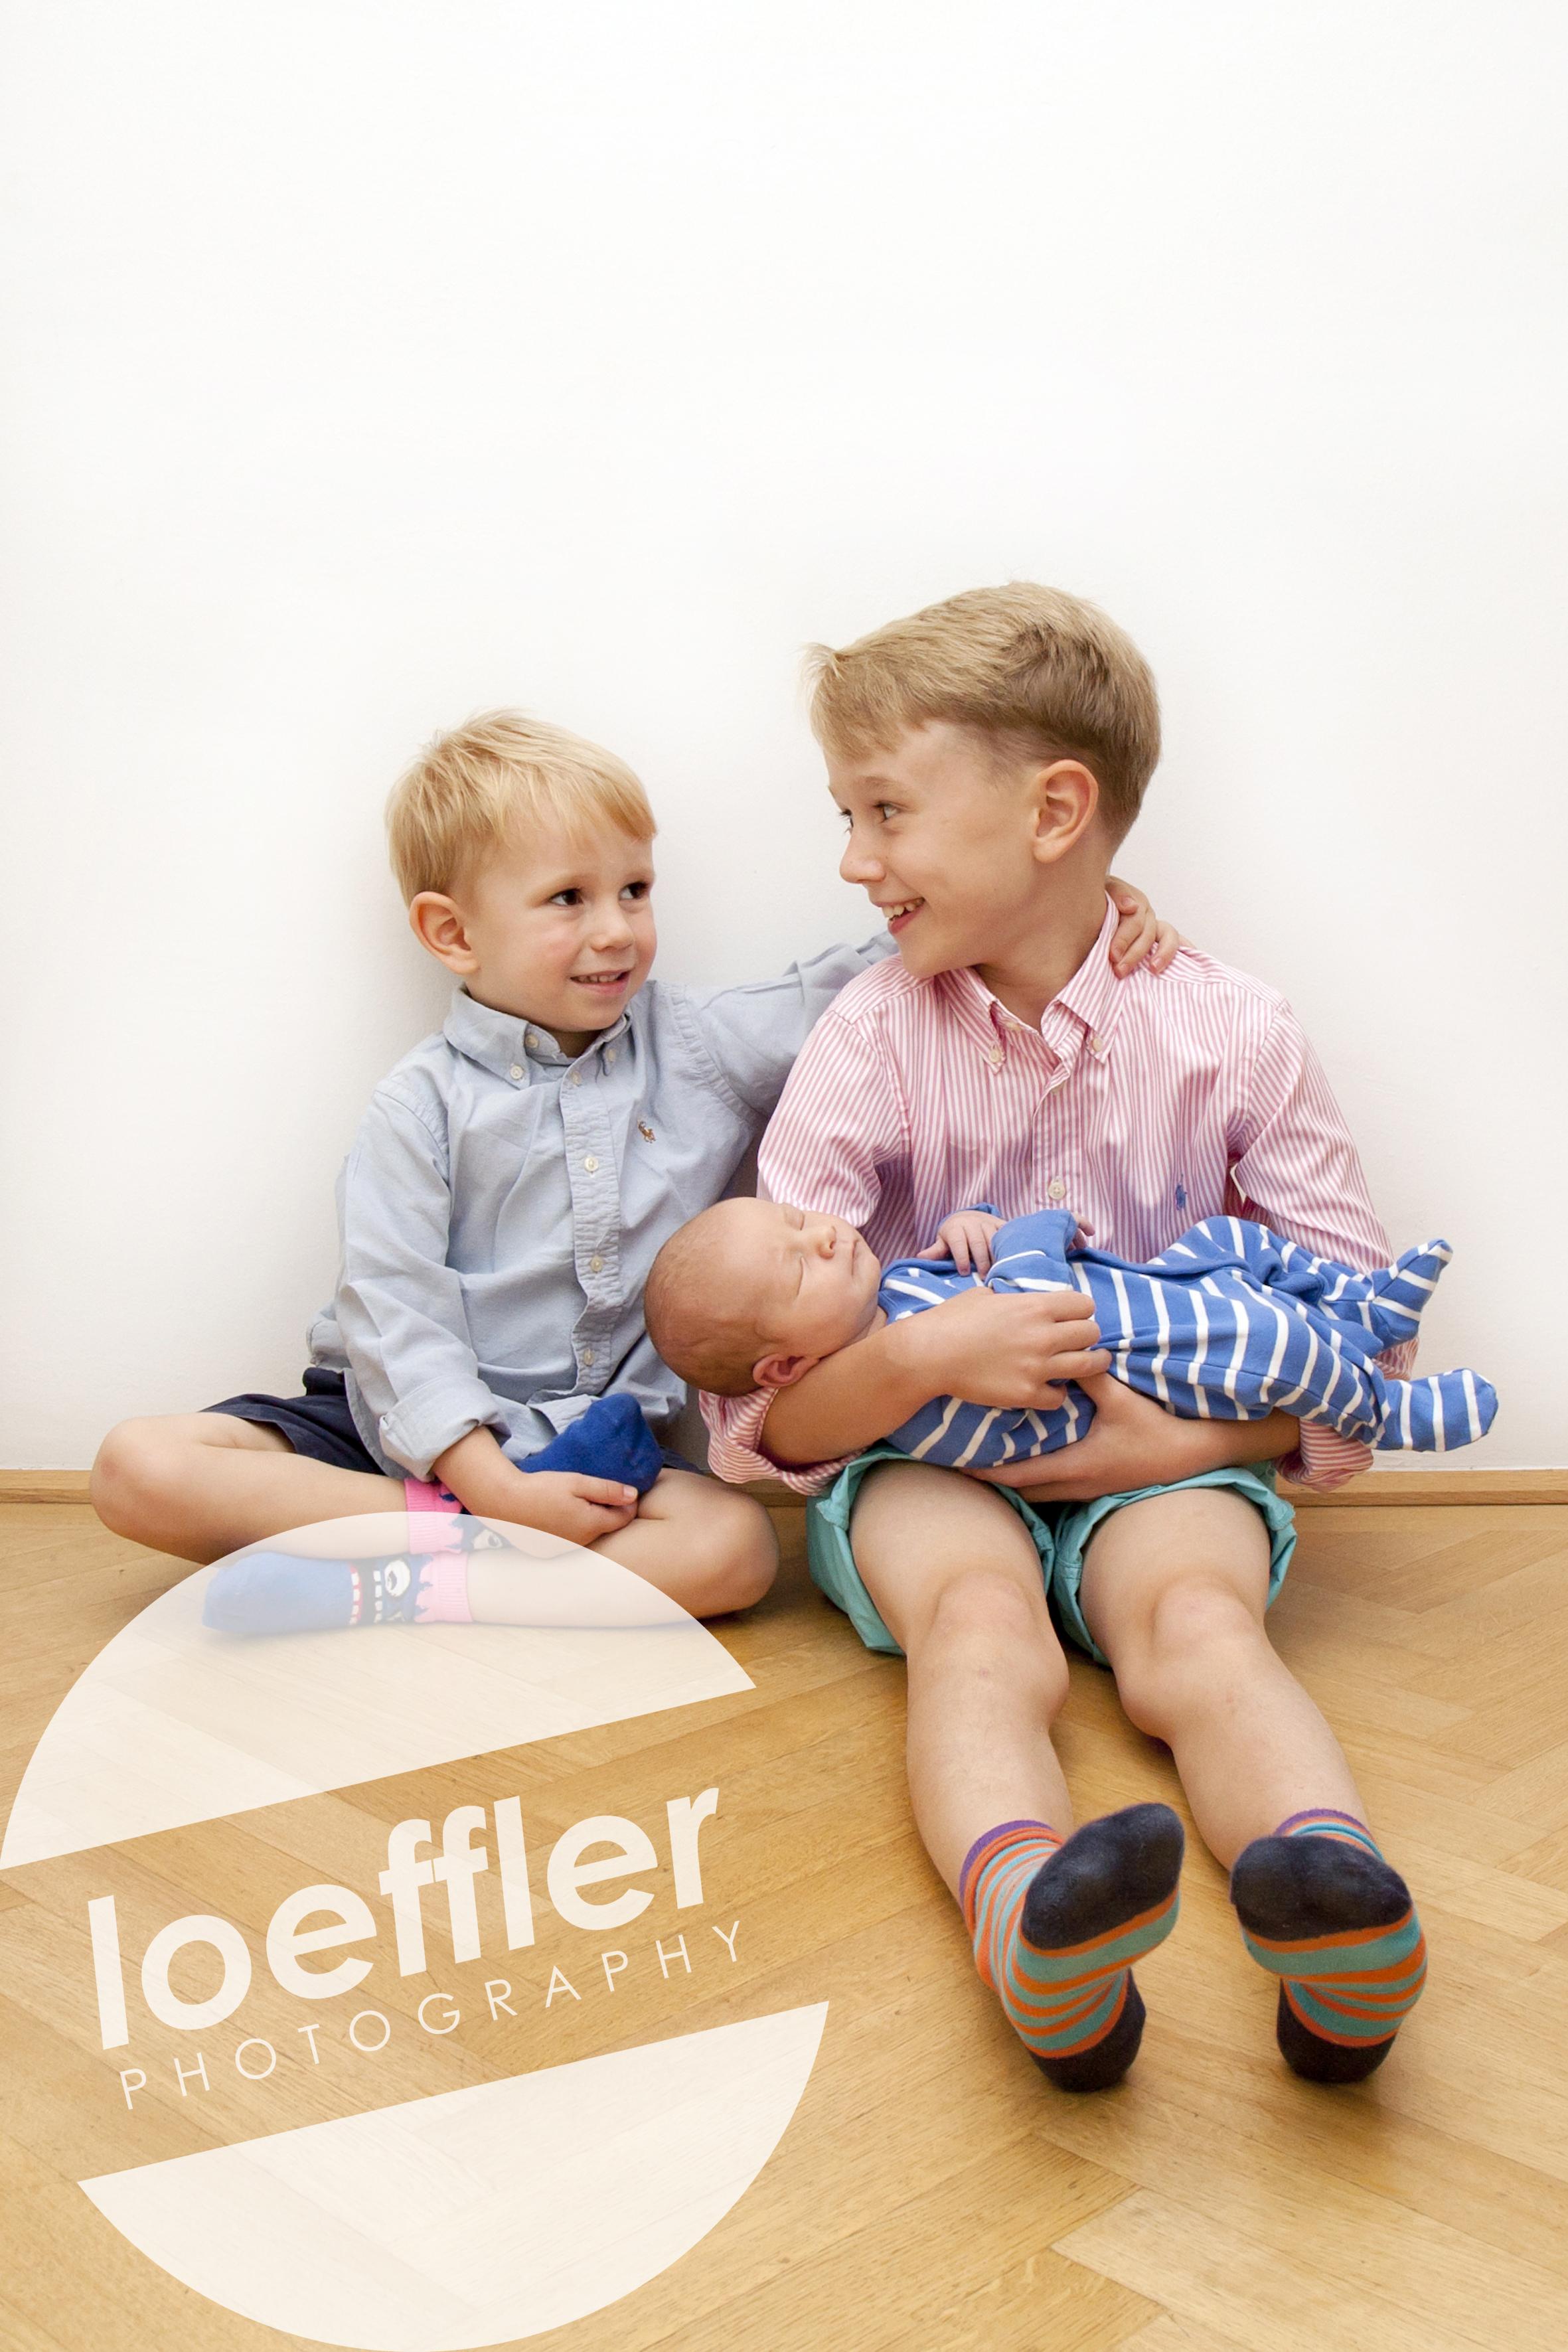 Bébé dans les bras de son frère